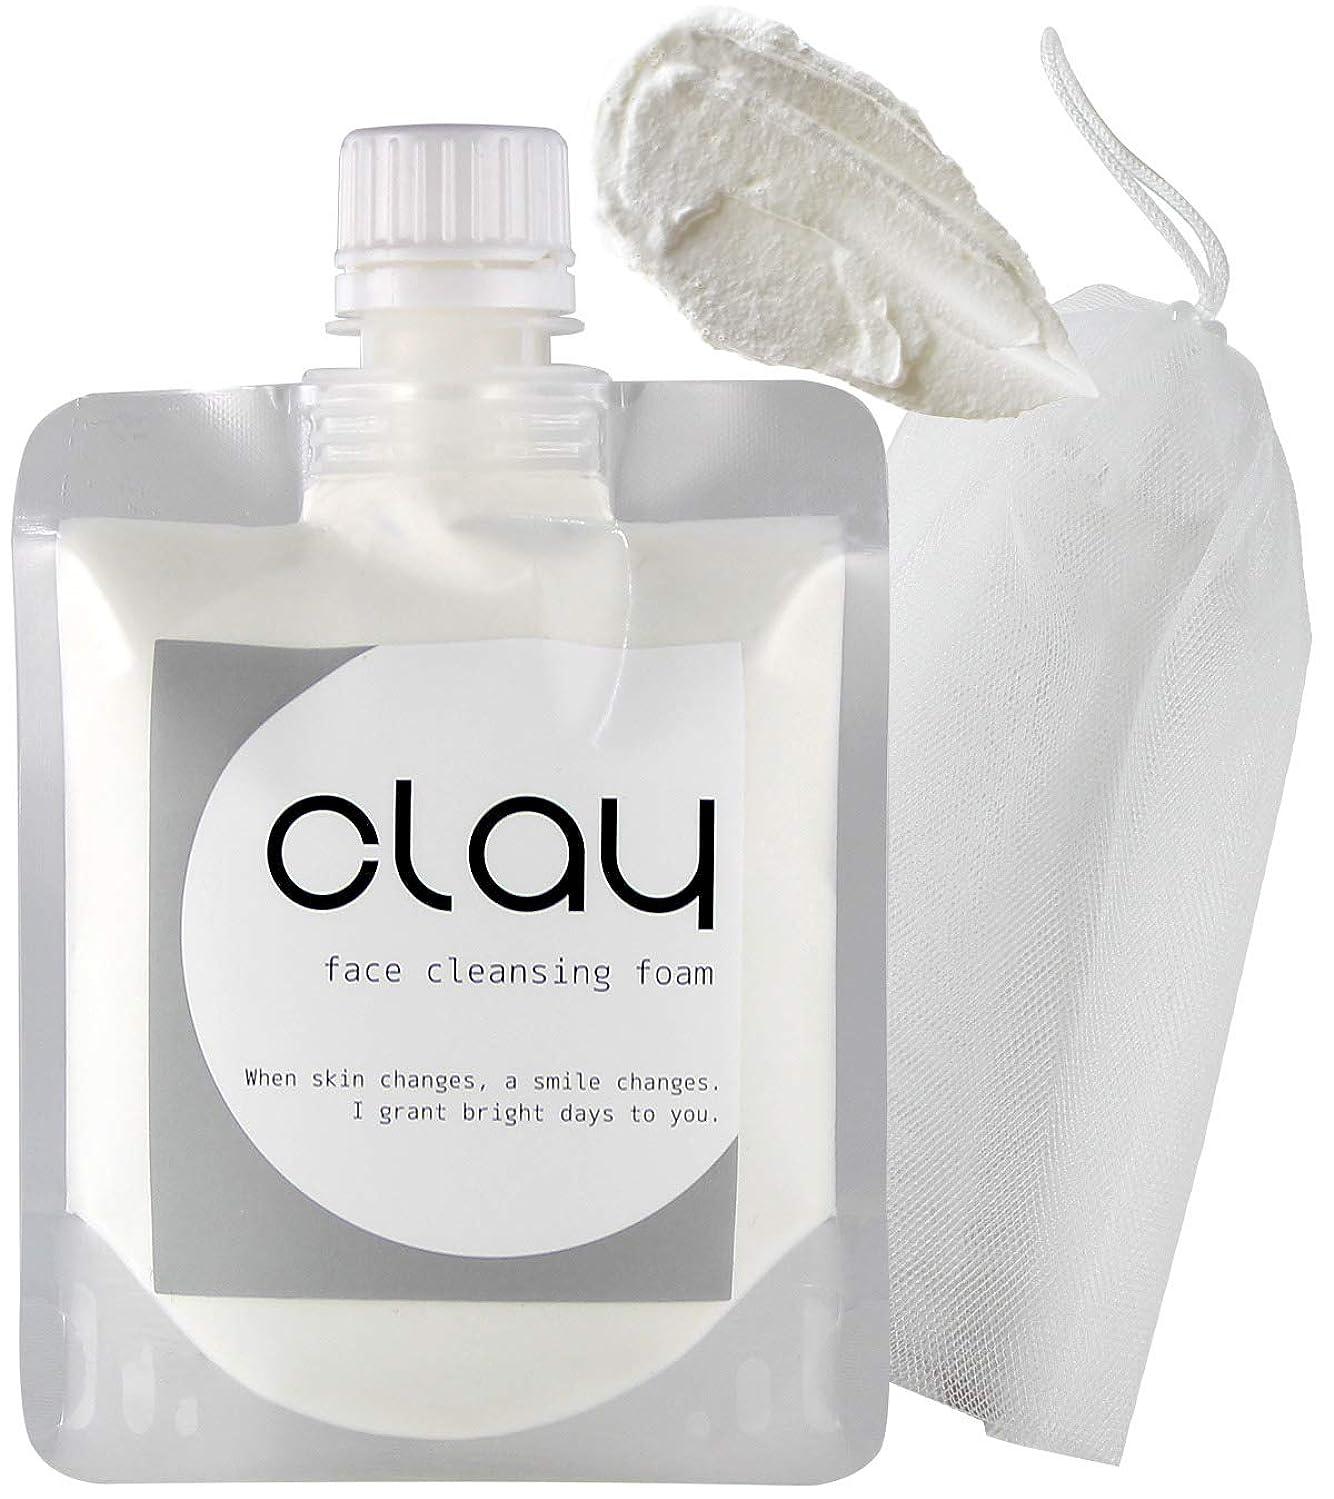 あえぎ浸したアシストSTAR'S クレイ 泥 洗顔 オーガニック 【 毛穴 黒ずみ 開き ザラ付き 用】「 泡 ネット 付き」 40種類の植物エキス 16種類の美容成分 9つの無添加 透明感 柔肌 130g (Clay)